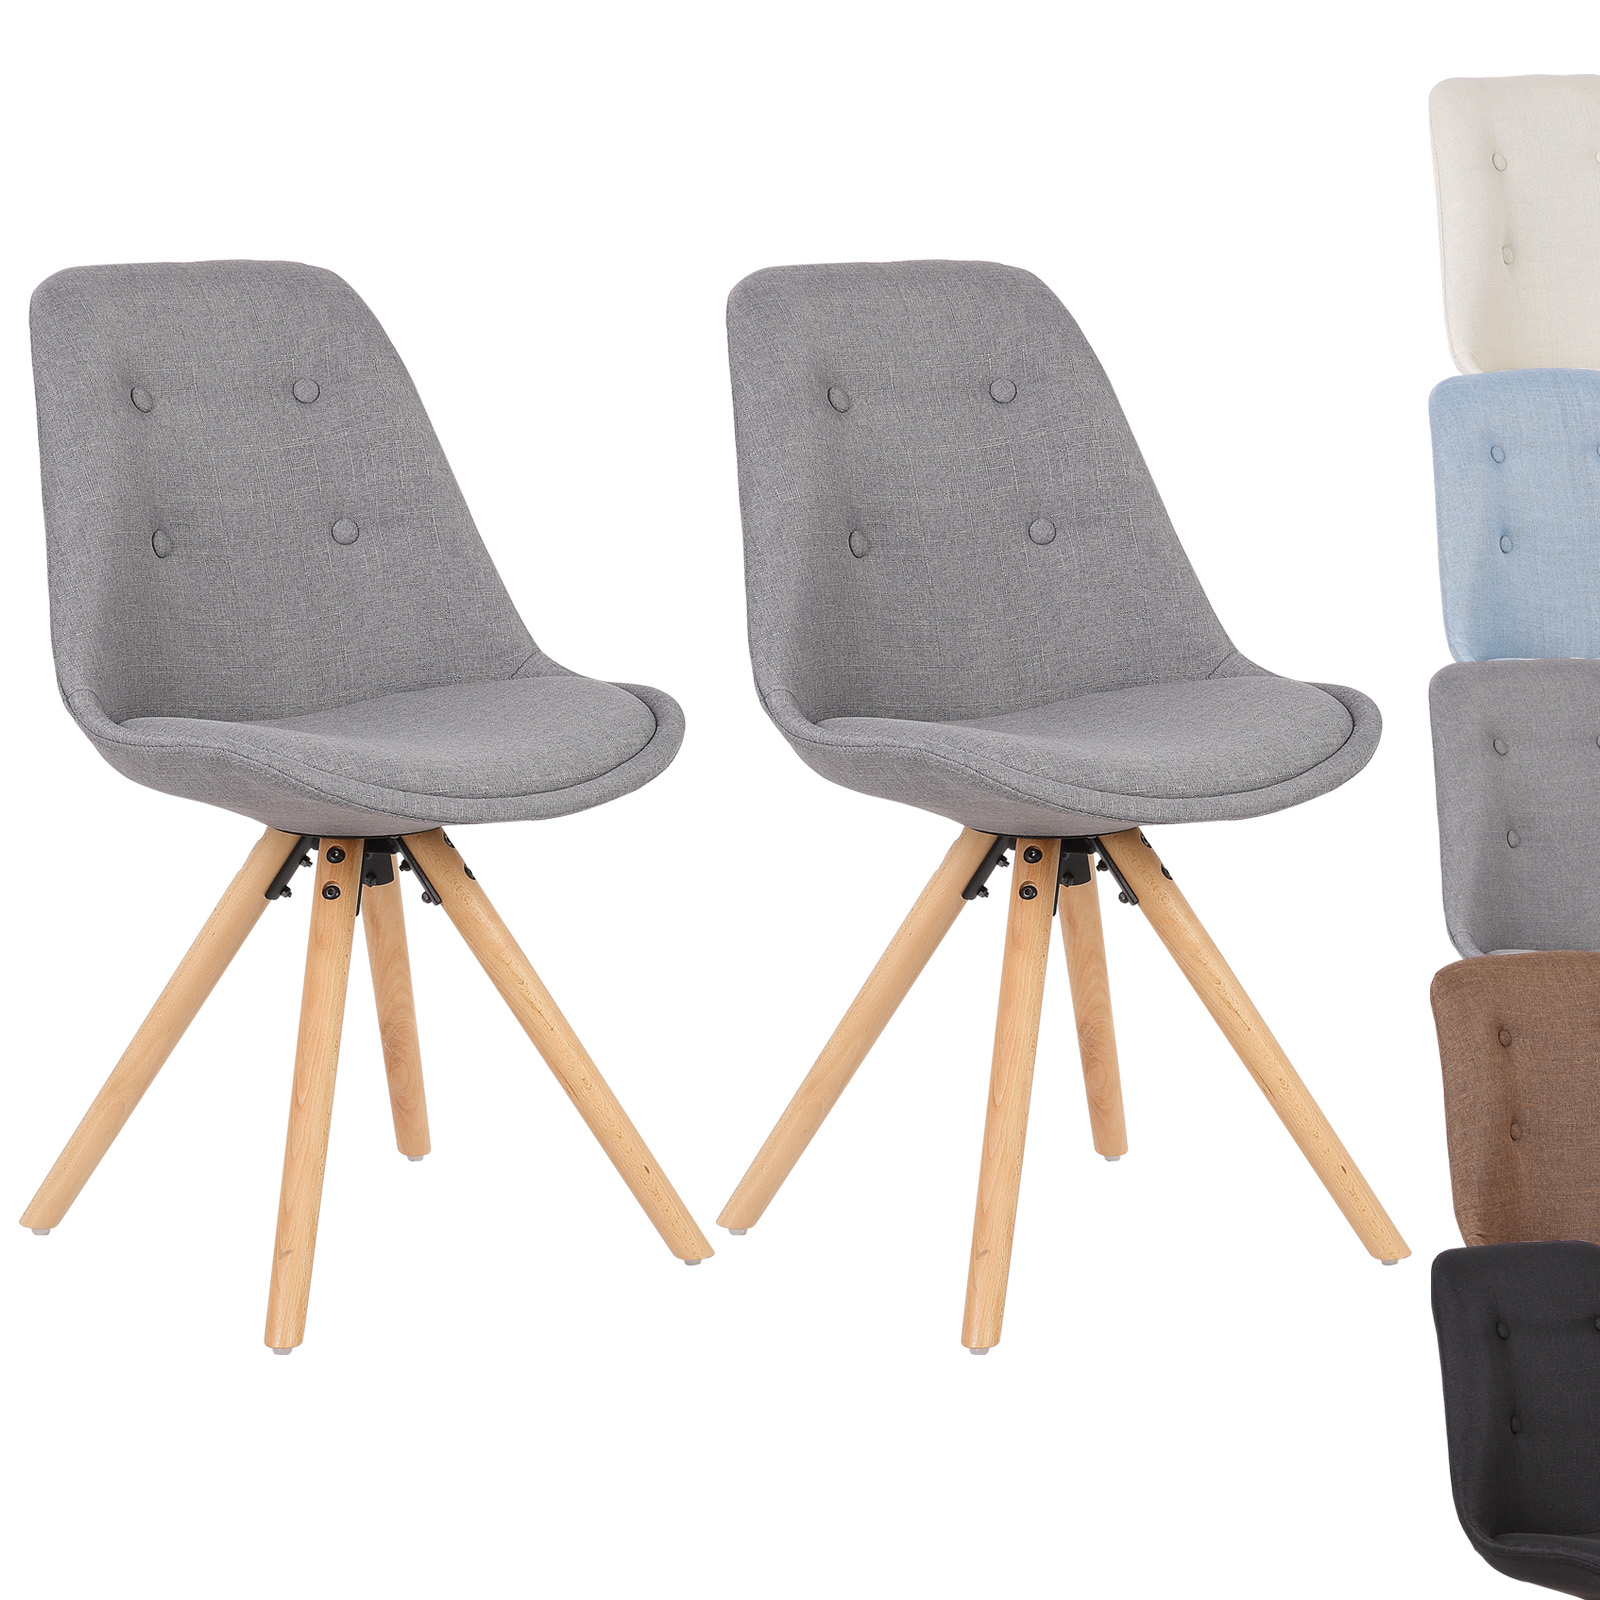 2er set esszimmerst hle k chenstuhl design stuhl leinen holz bh54gr 2 grau ebay. Black Bedroom Furniture Sets. Home Design Ideas